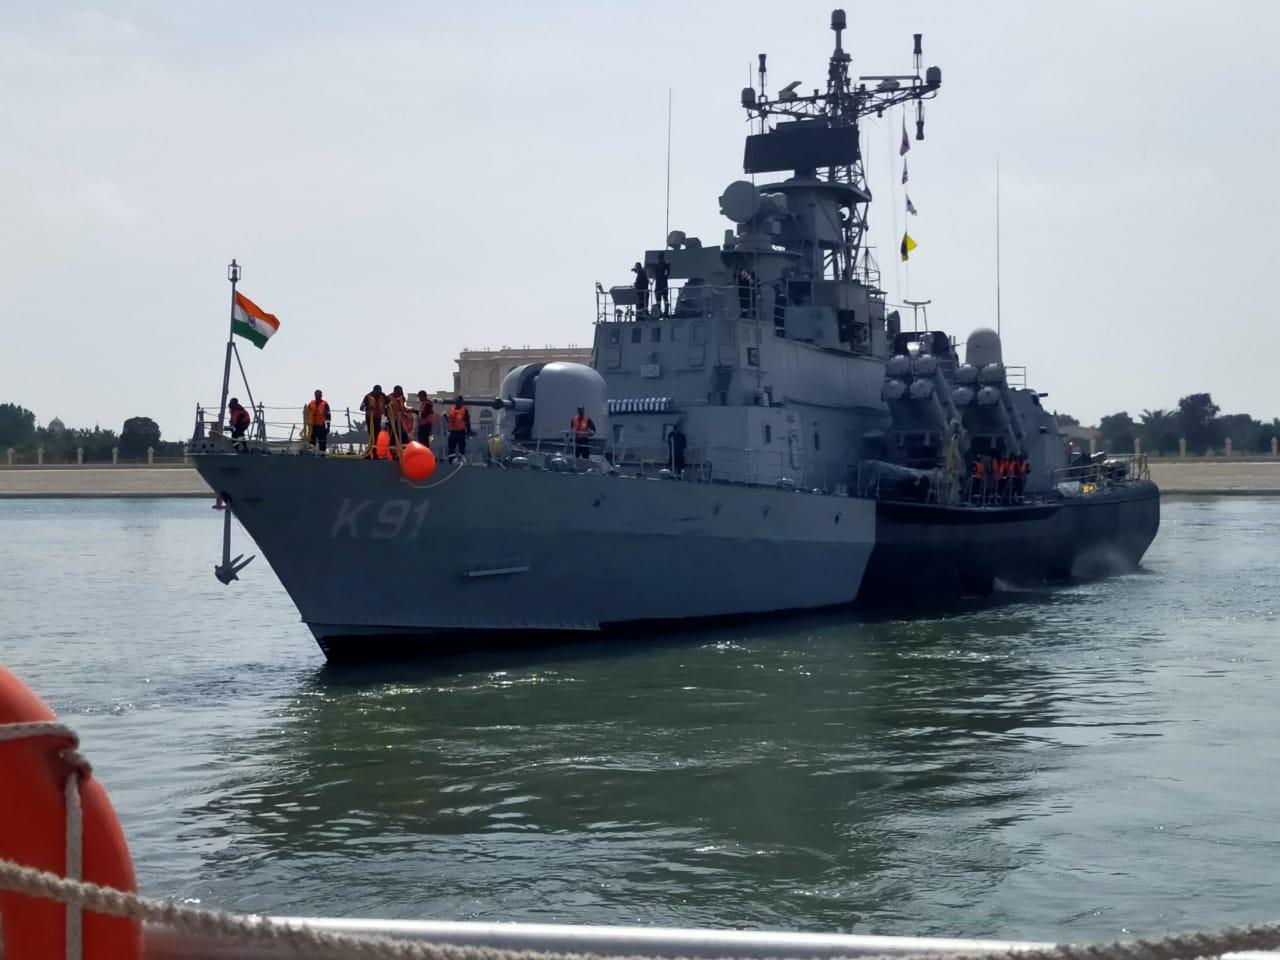 भारतीय नौसेना (Indian Navy) का जहाज प्रलय आईडीईएक्स 21 में भाग लेने के लिए संयुक्त अरब अमीरात पहुंचा